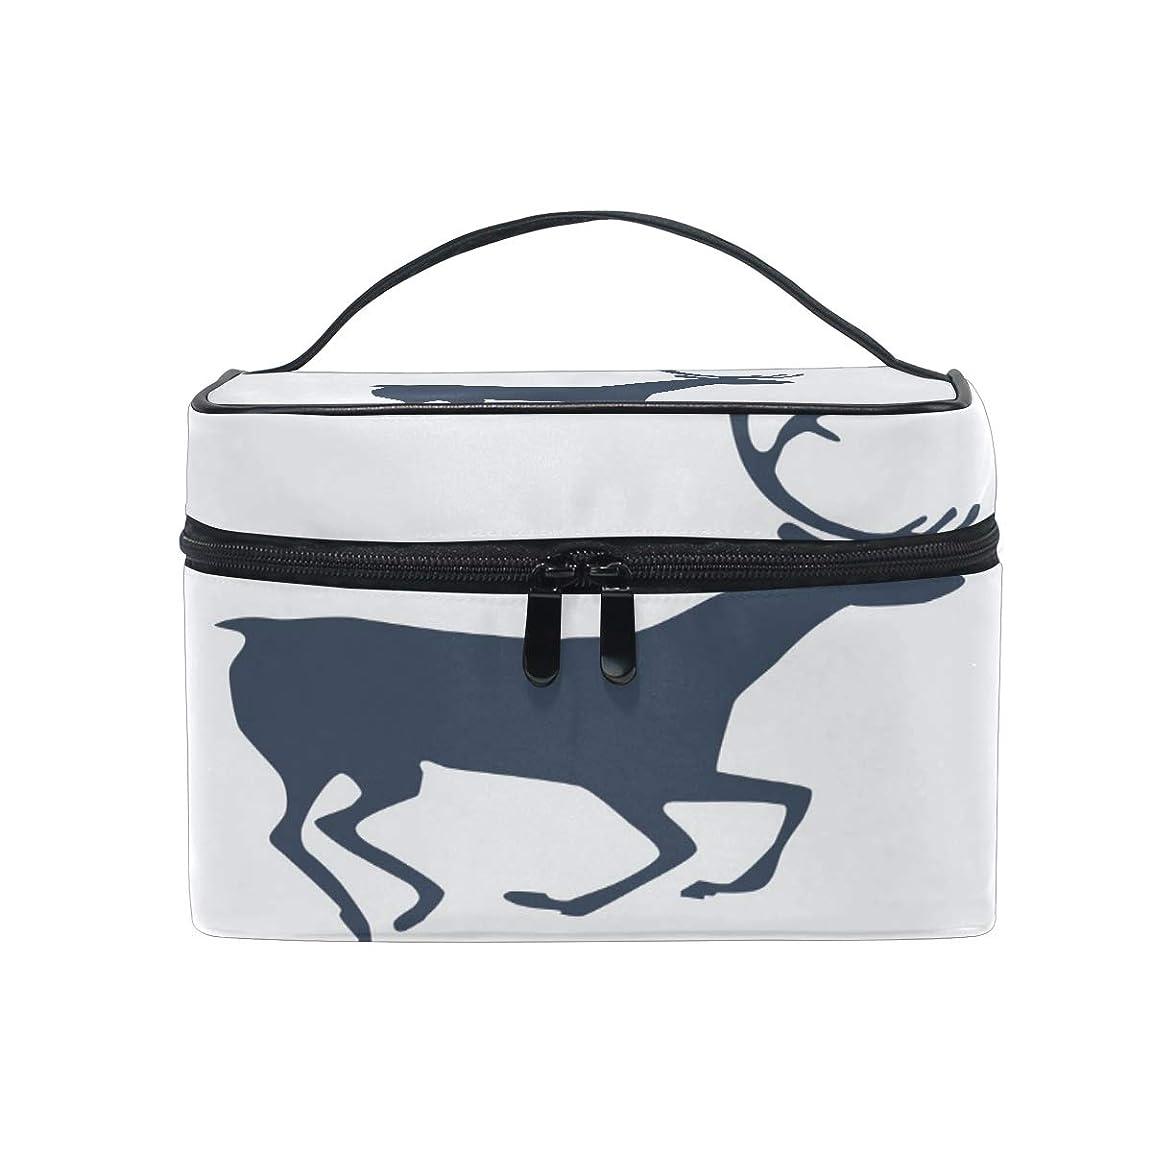 実質的に戦術崇拝しますユキオ(UKIO) メイクポーチ 大容量 シンプル かわいい 持ち運び 旅行 化粧ポーチ コスメバッグ 化粧品 鹿 アイコン レディース 収納ケース ポーチ 収納ボックス 化粧箱 メイクバッグ